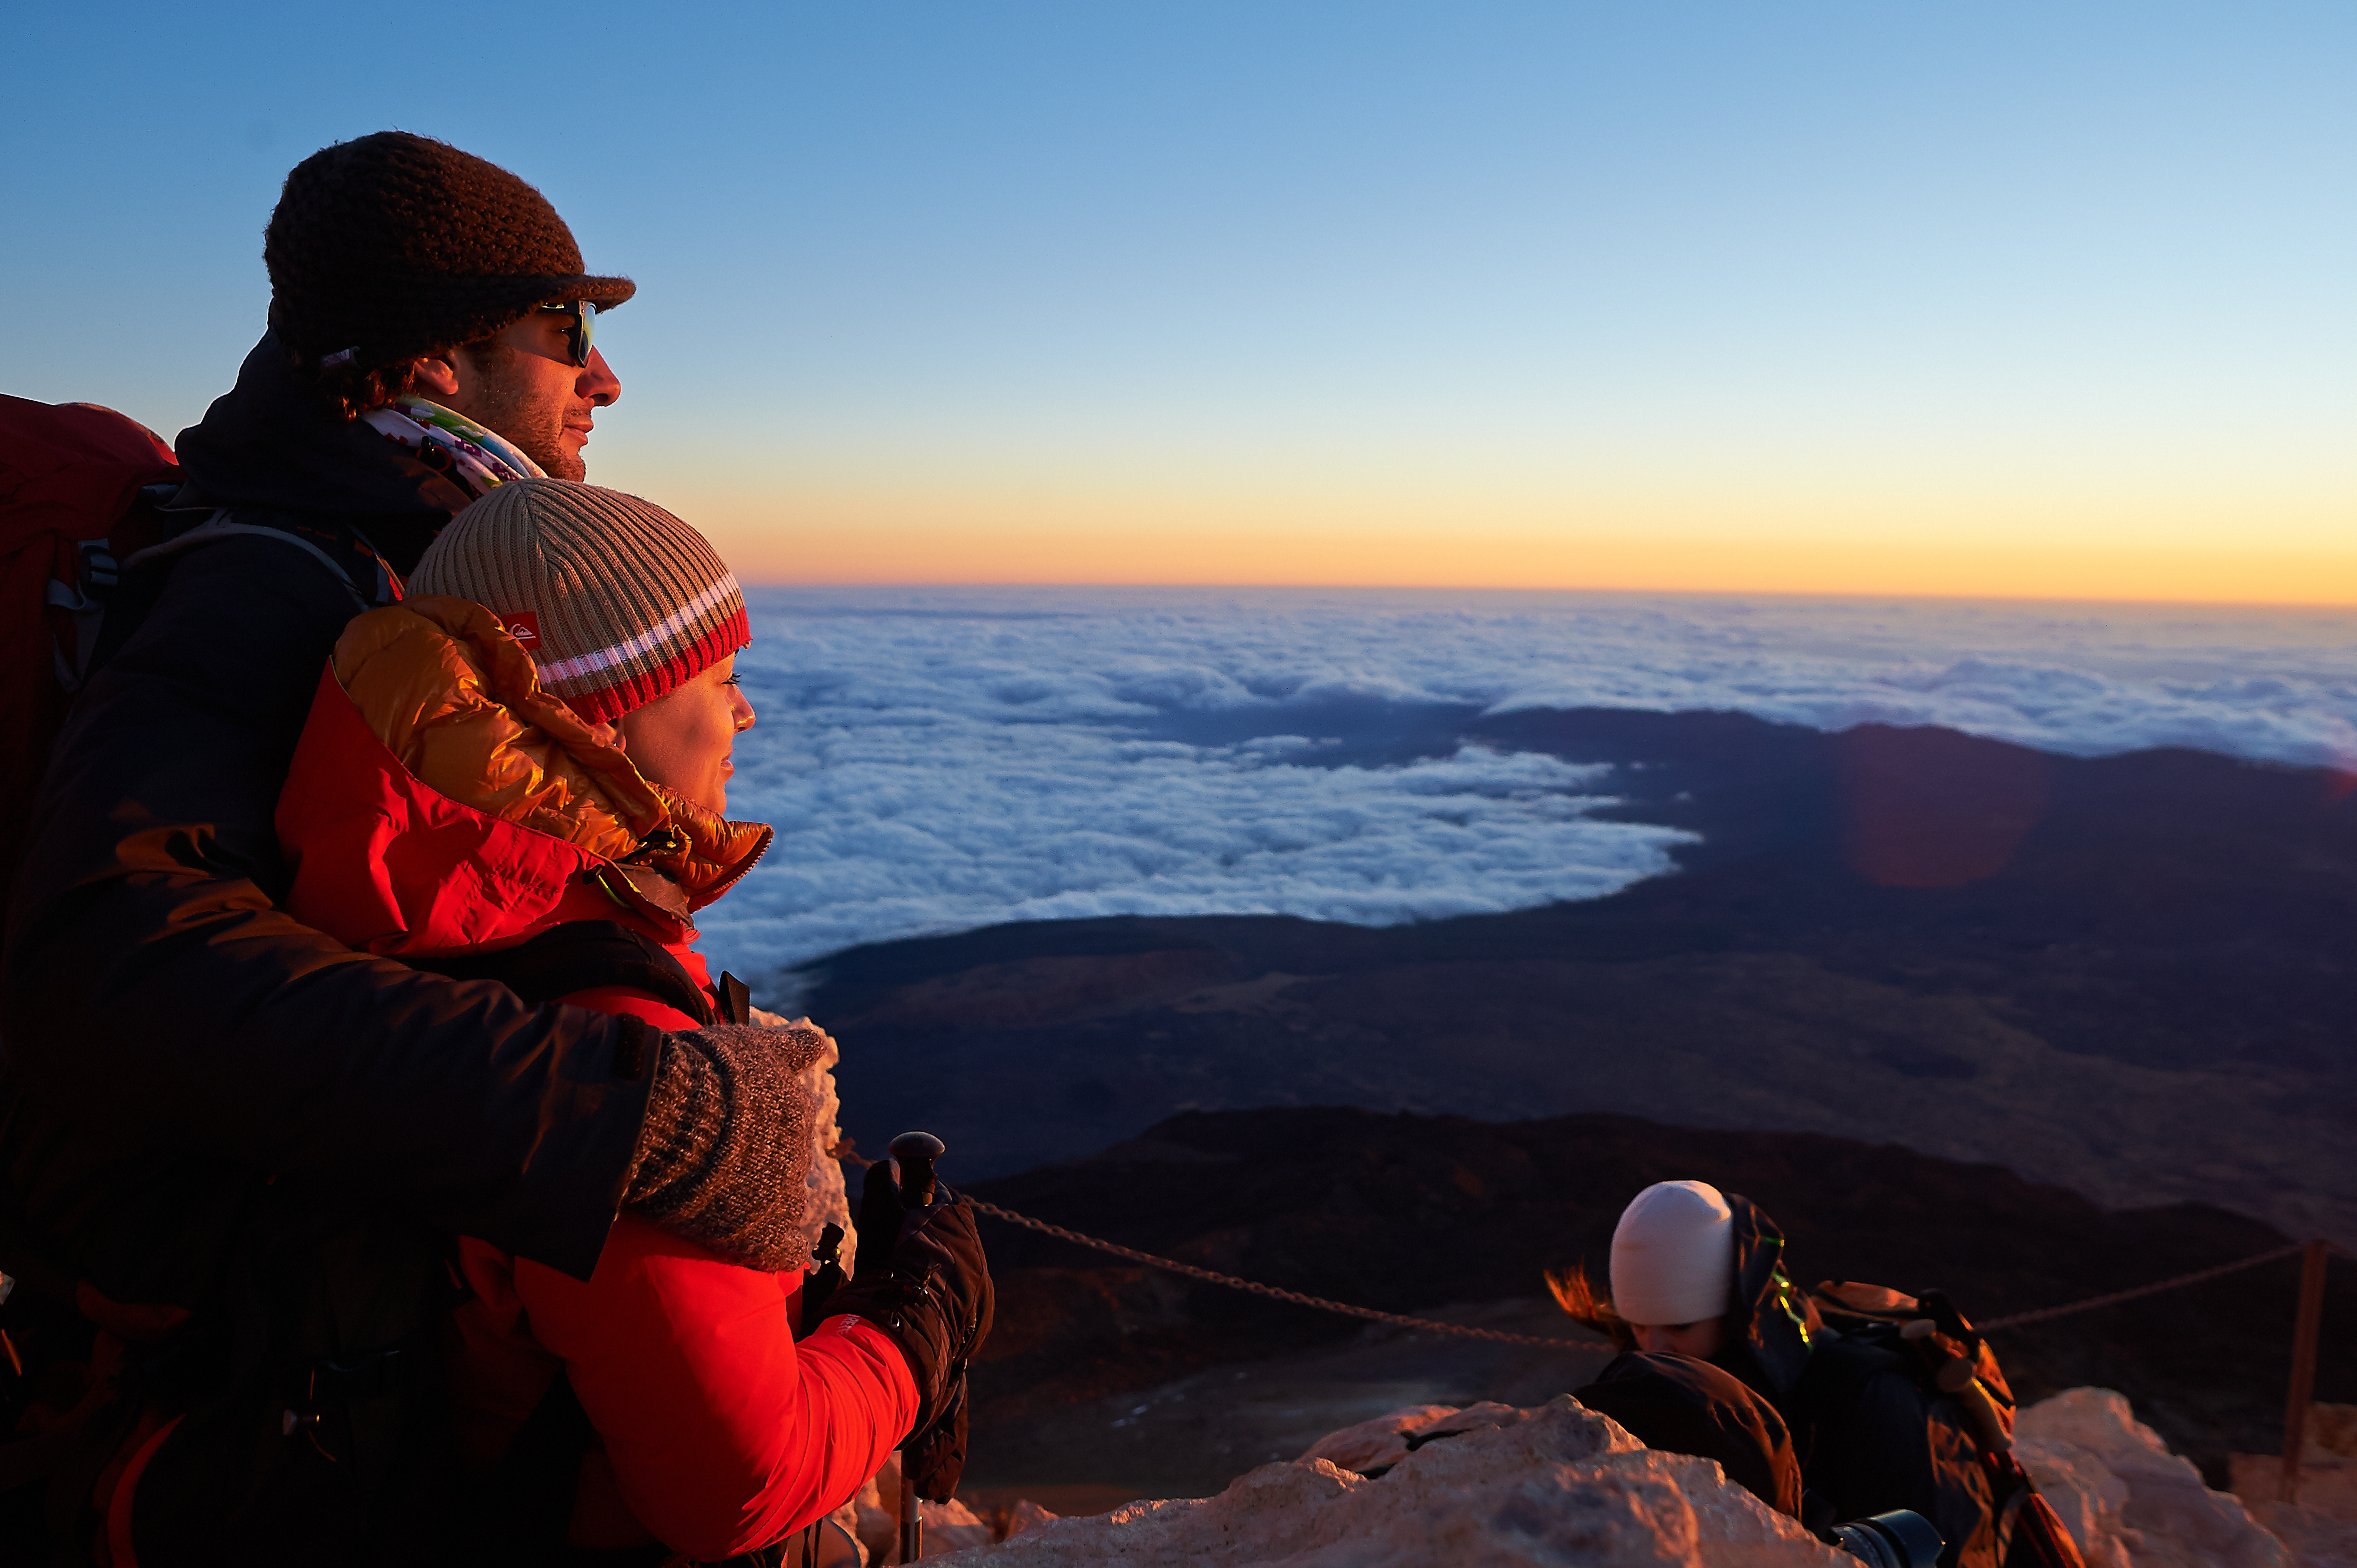 Subir al pico del Teide a pie